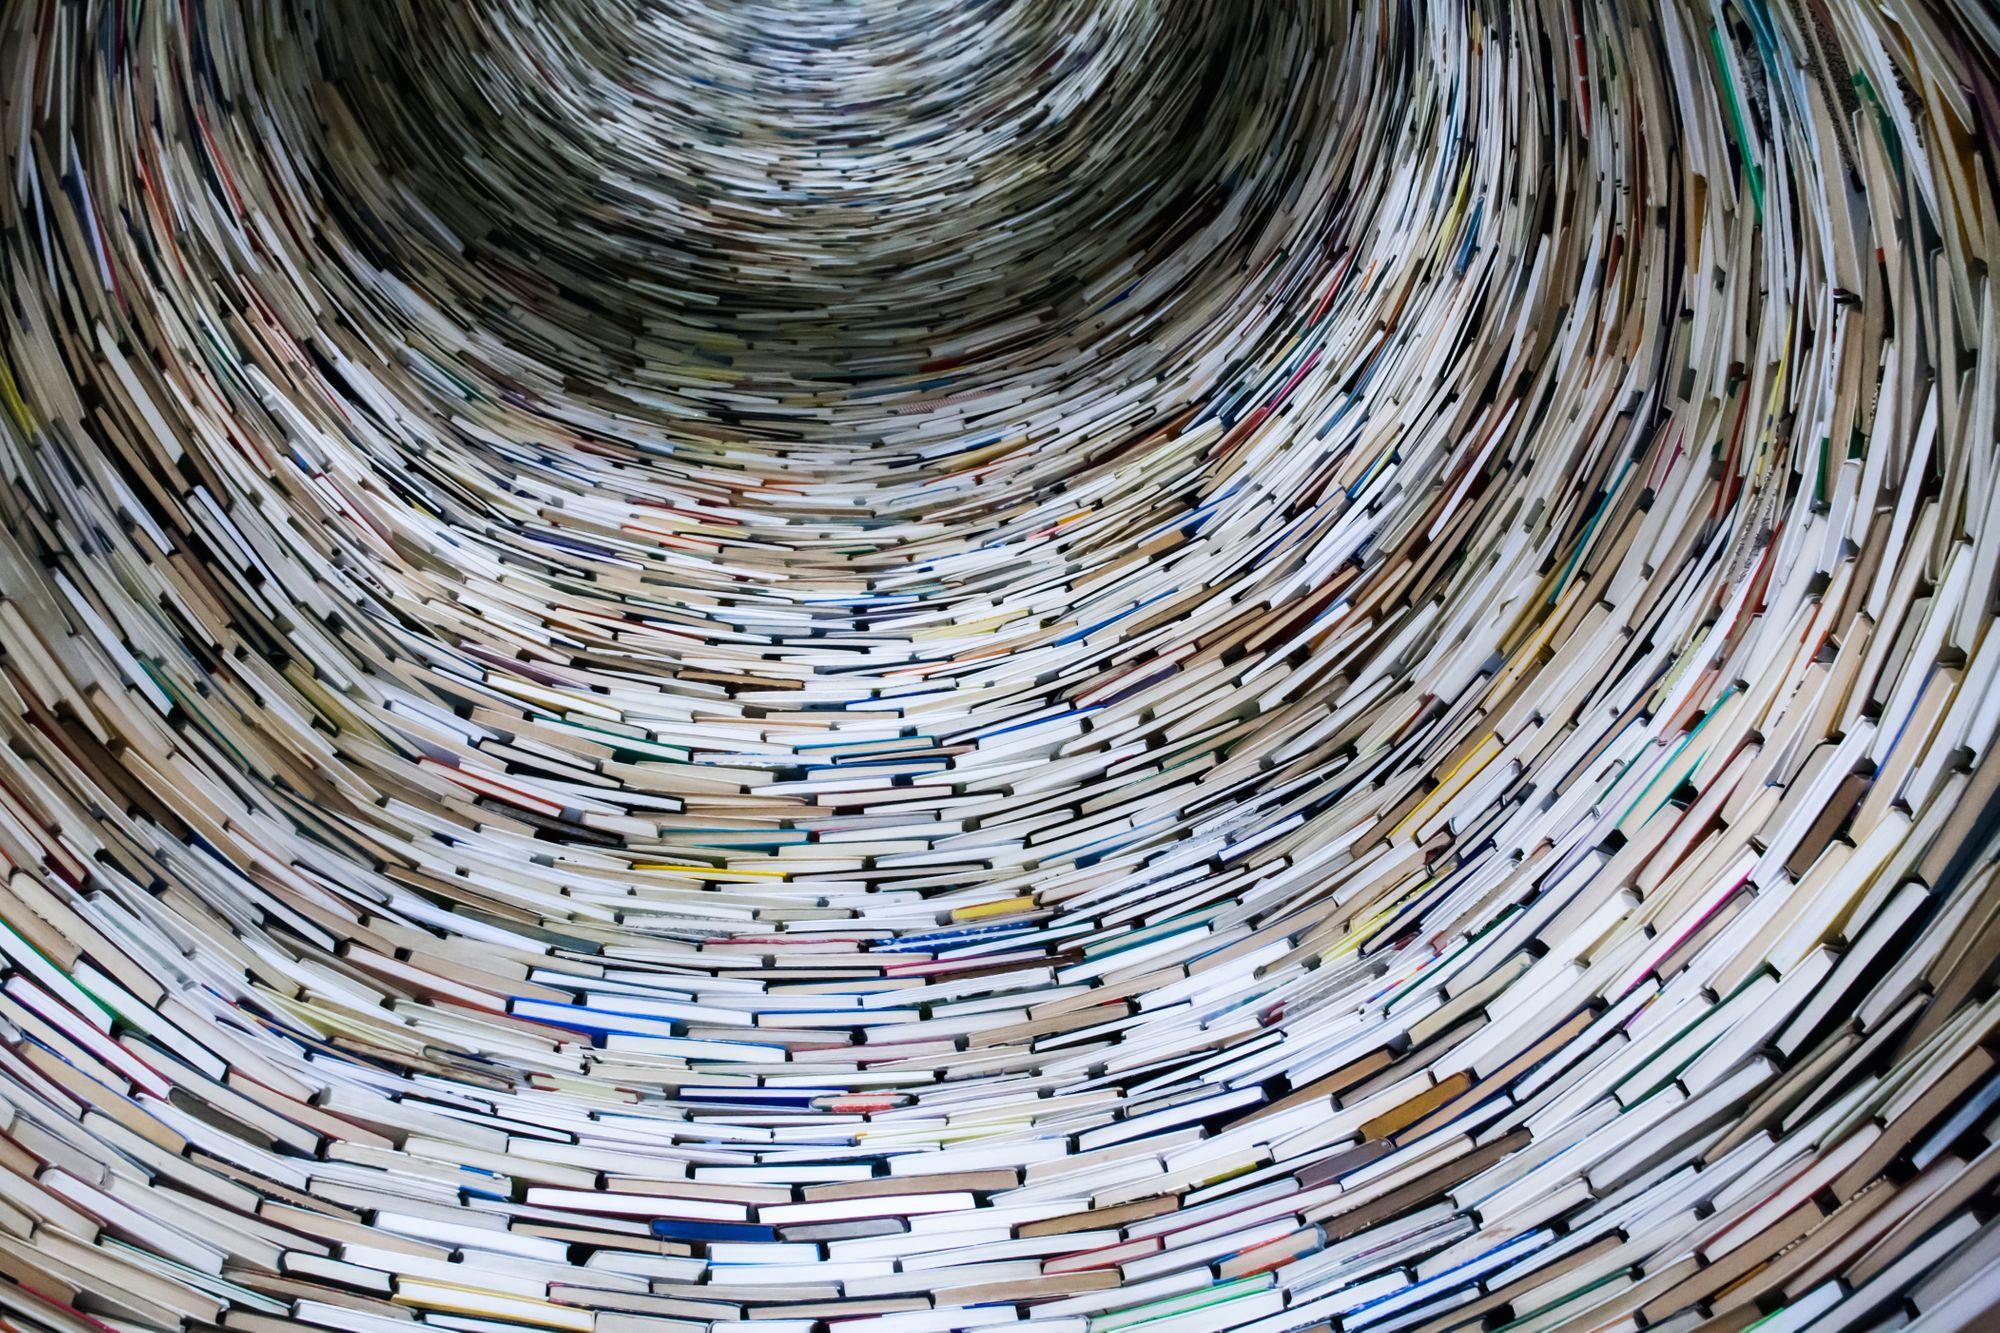 Wiedza w organizacji - jak odpowiednio nią zarządzać?